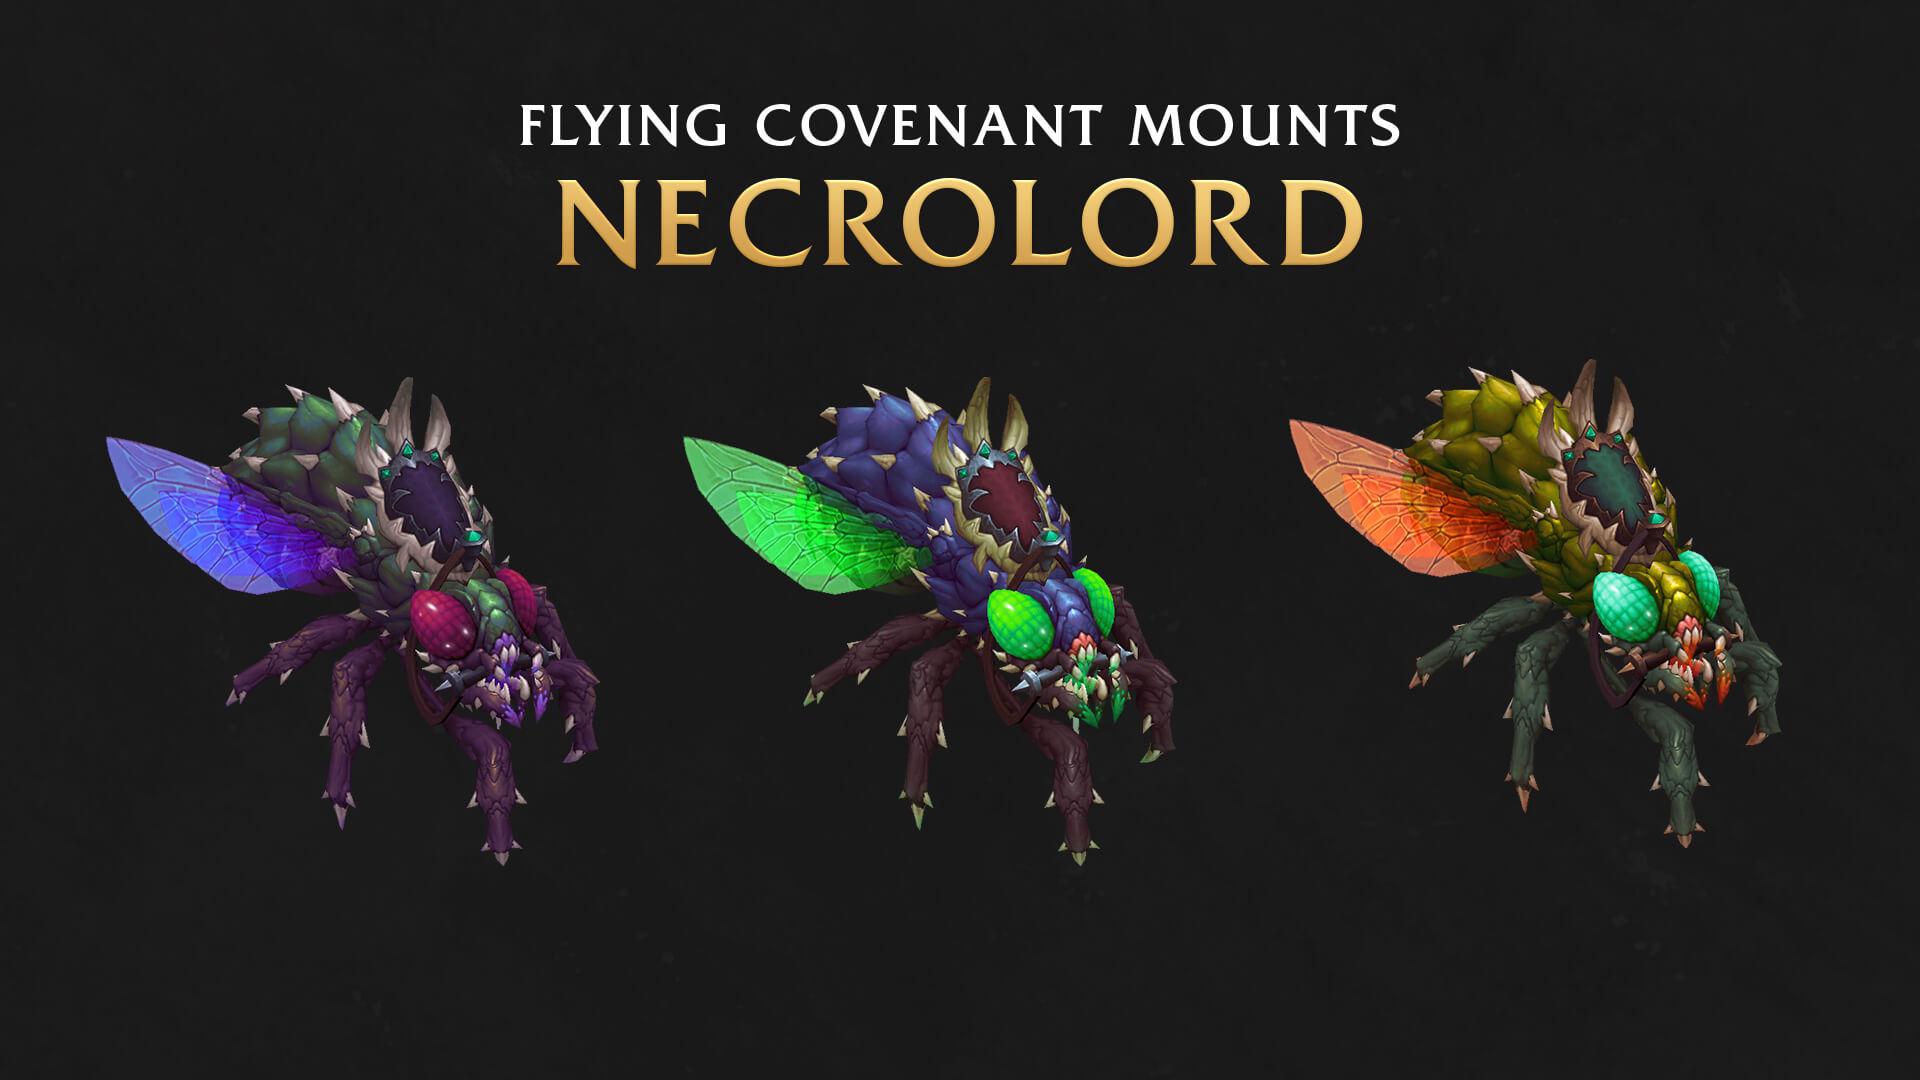 Летающие маунты ковенанта Некролордов